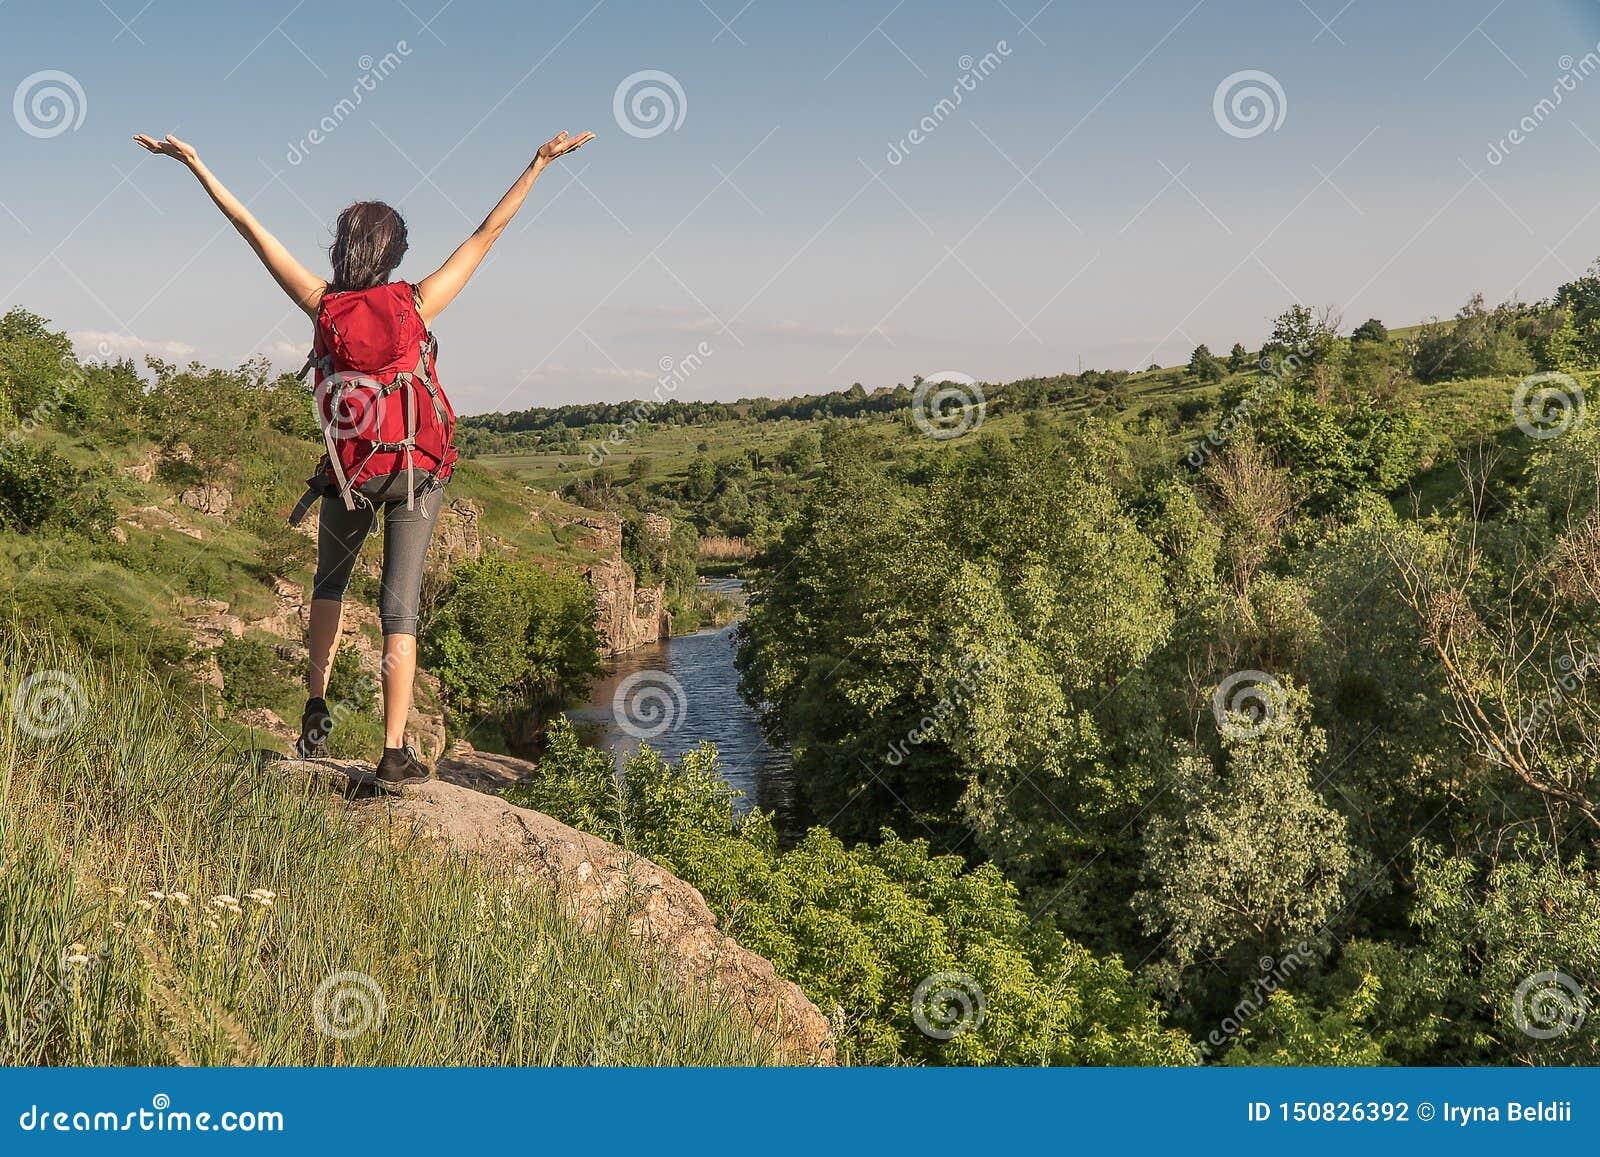 La muchacha viaja Muchacha con una mochila grande mochila touristred